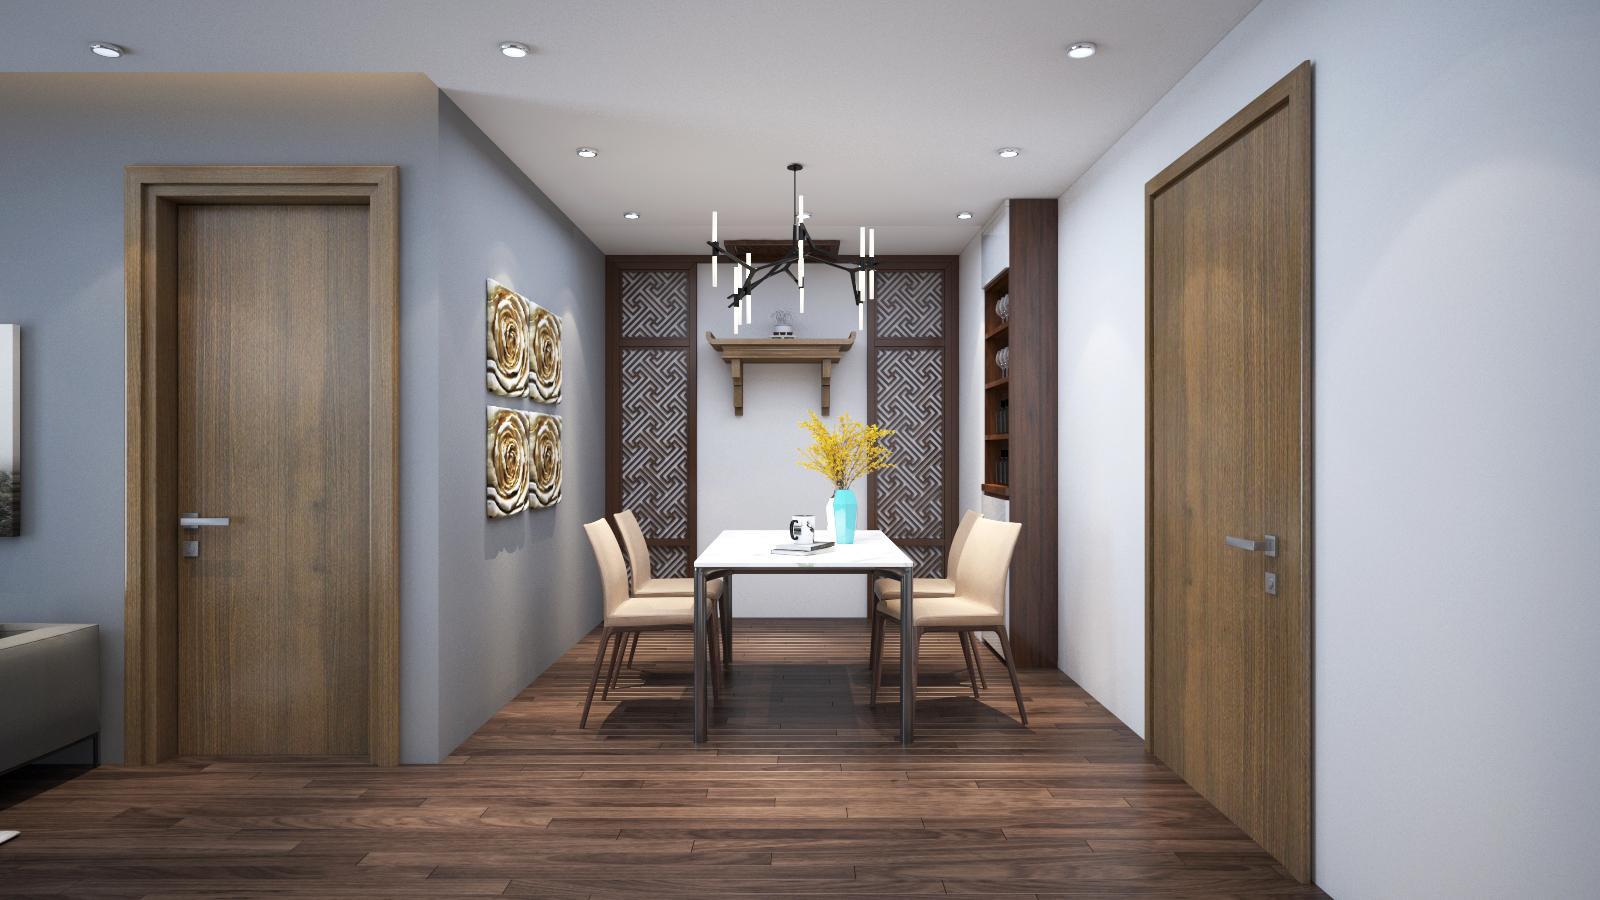 Thiết kế nội thất Chung Cư tại Hà Nội 6 Element Apartment 1584606767 3